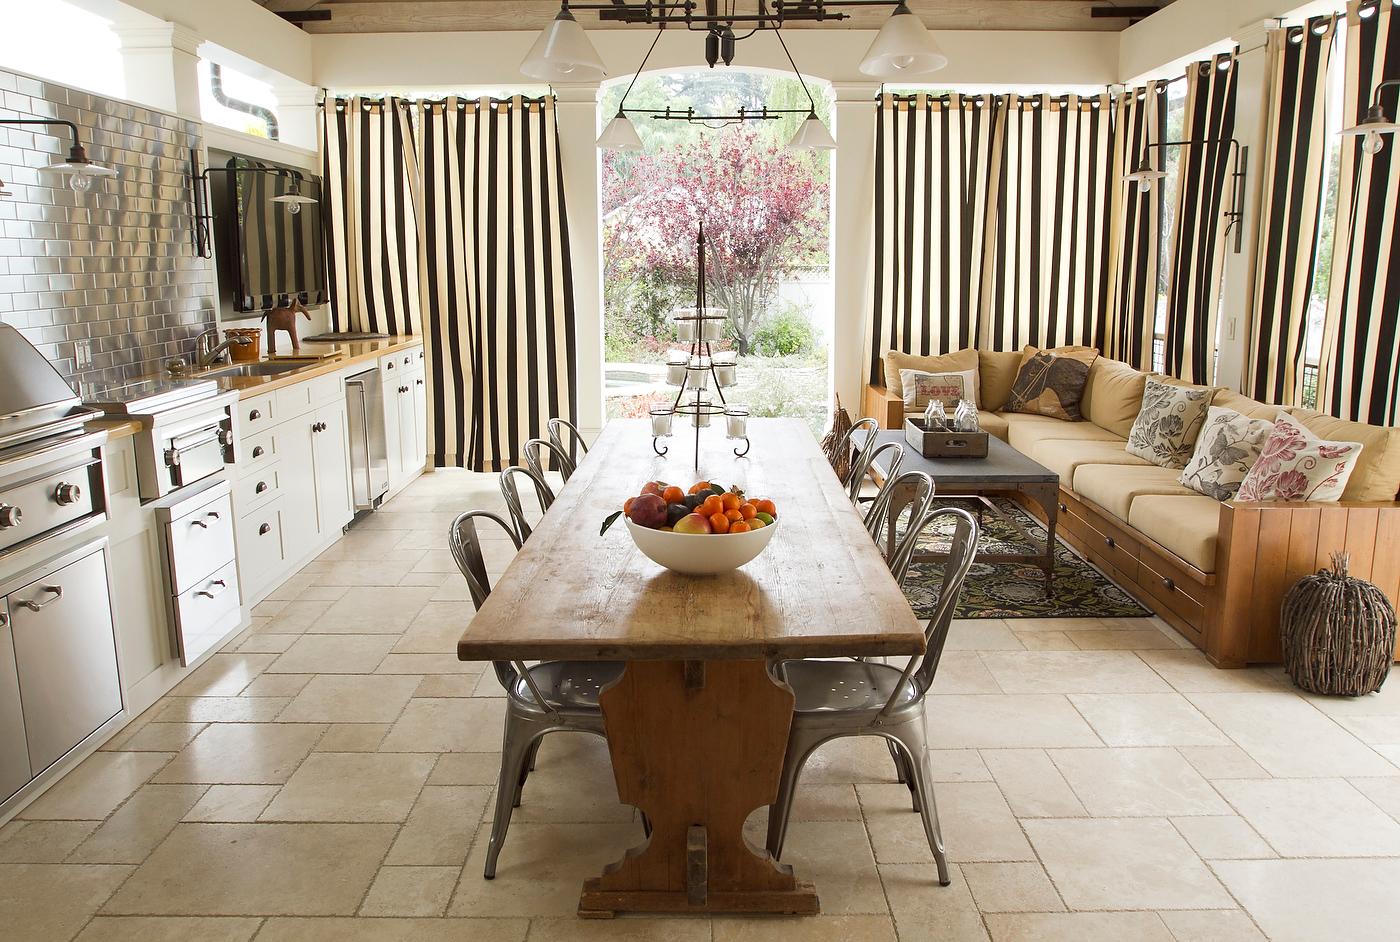 kitchen-outdoor-03.jpg